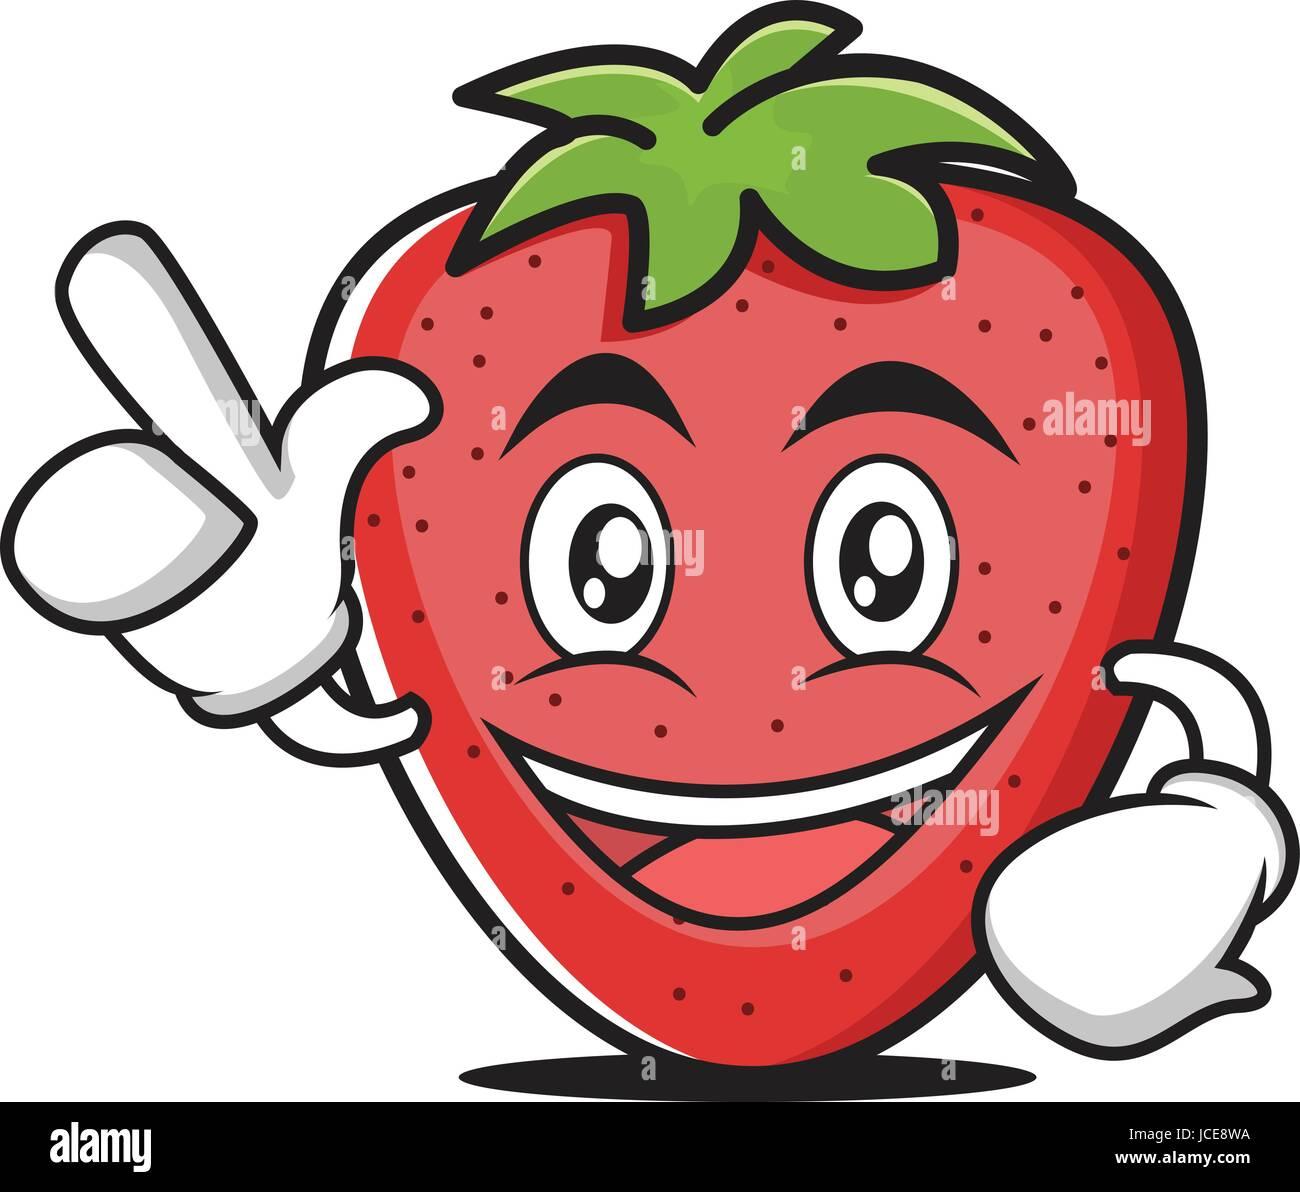 Haben Sie eine Idee-Erdbeer Cartoon-Figur Stockbild